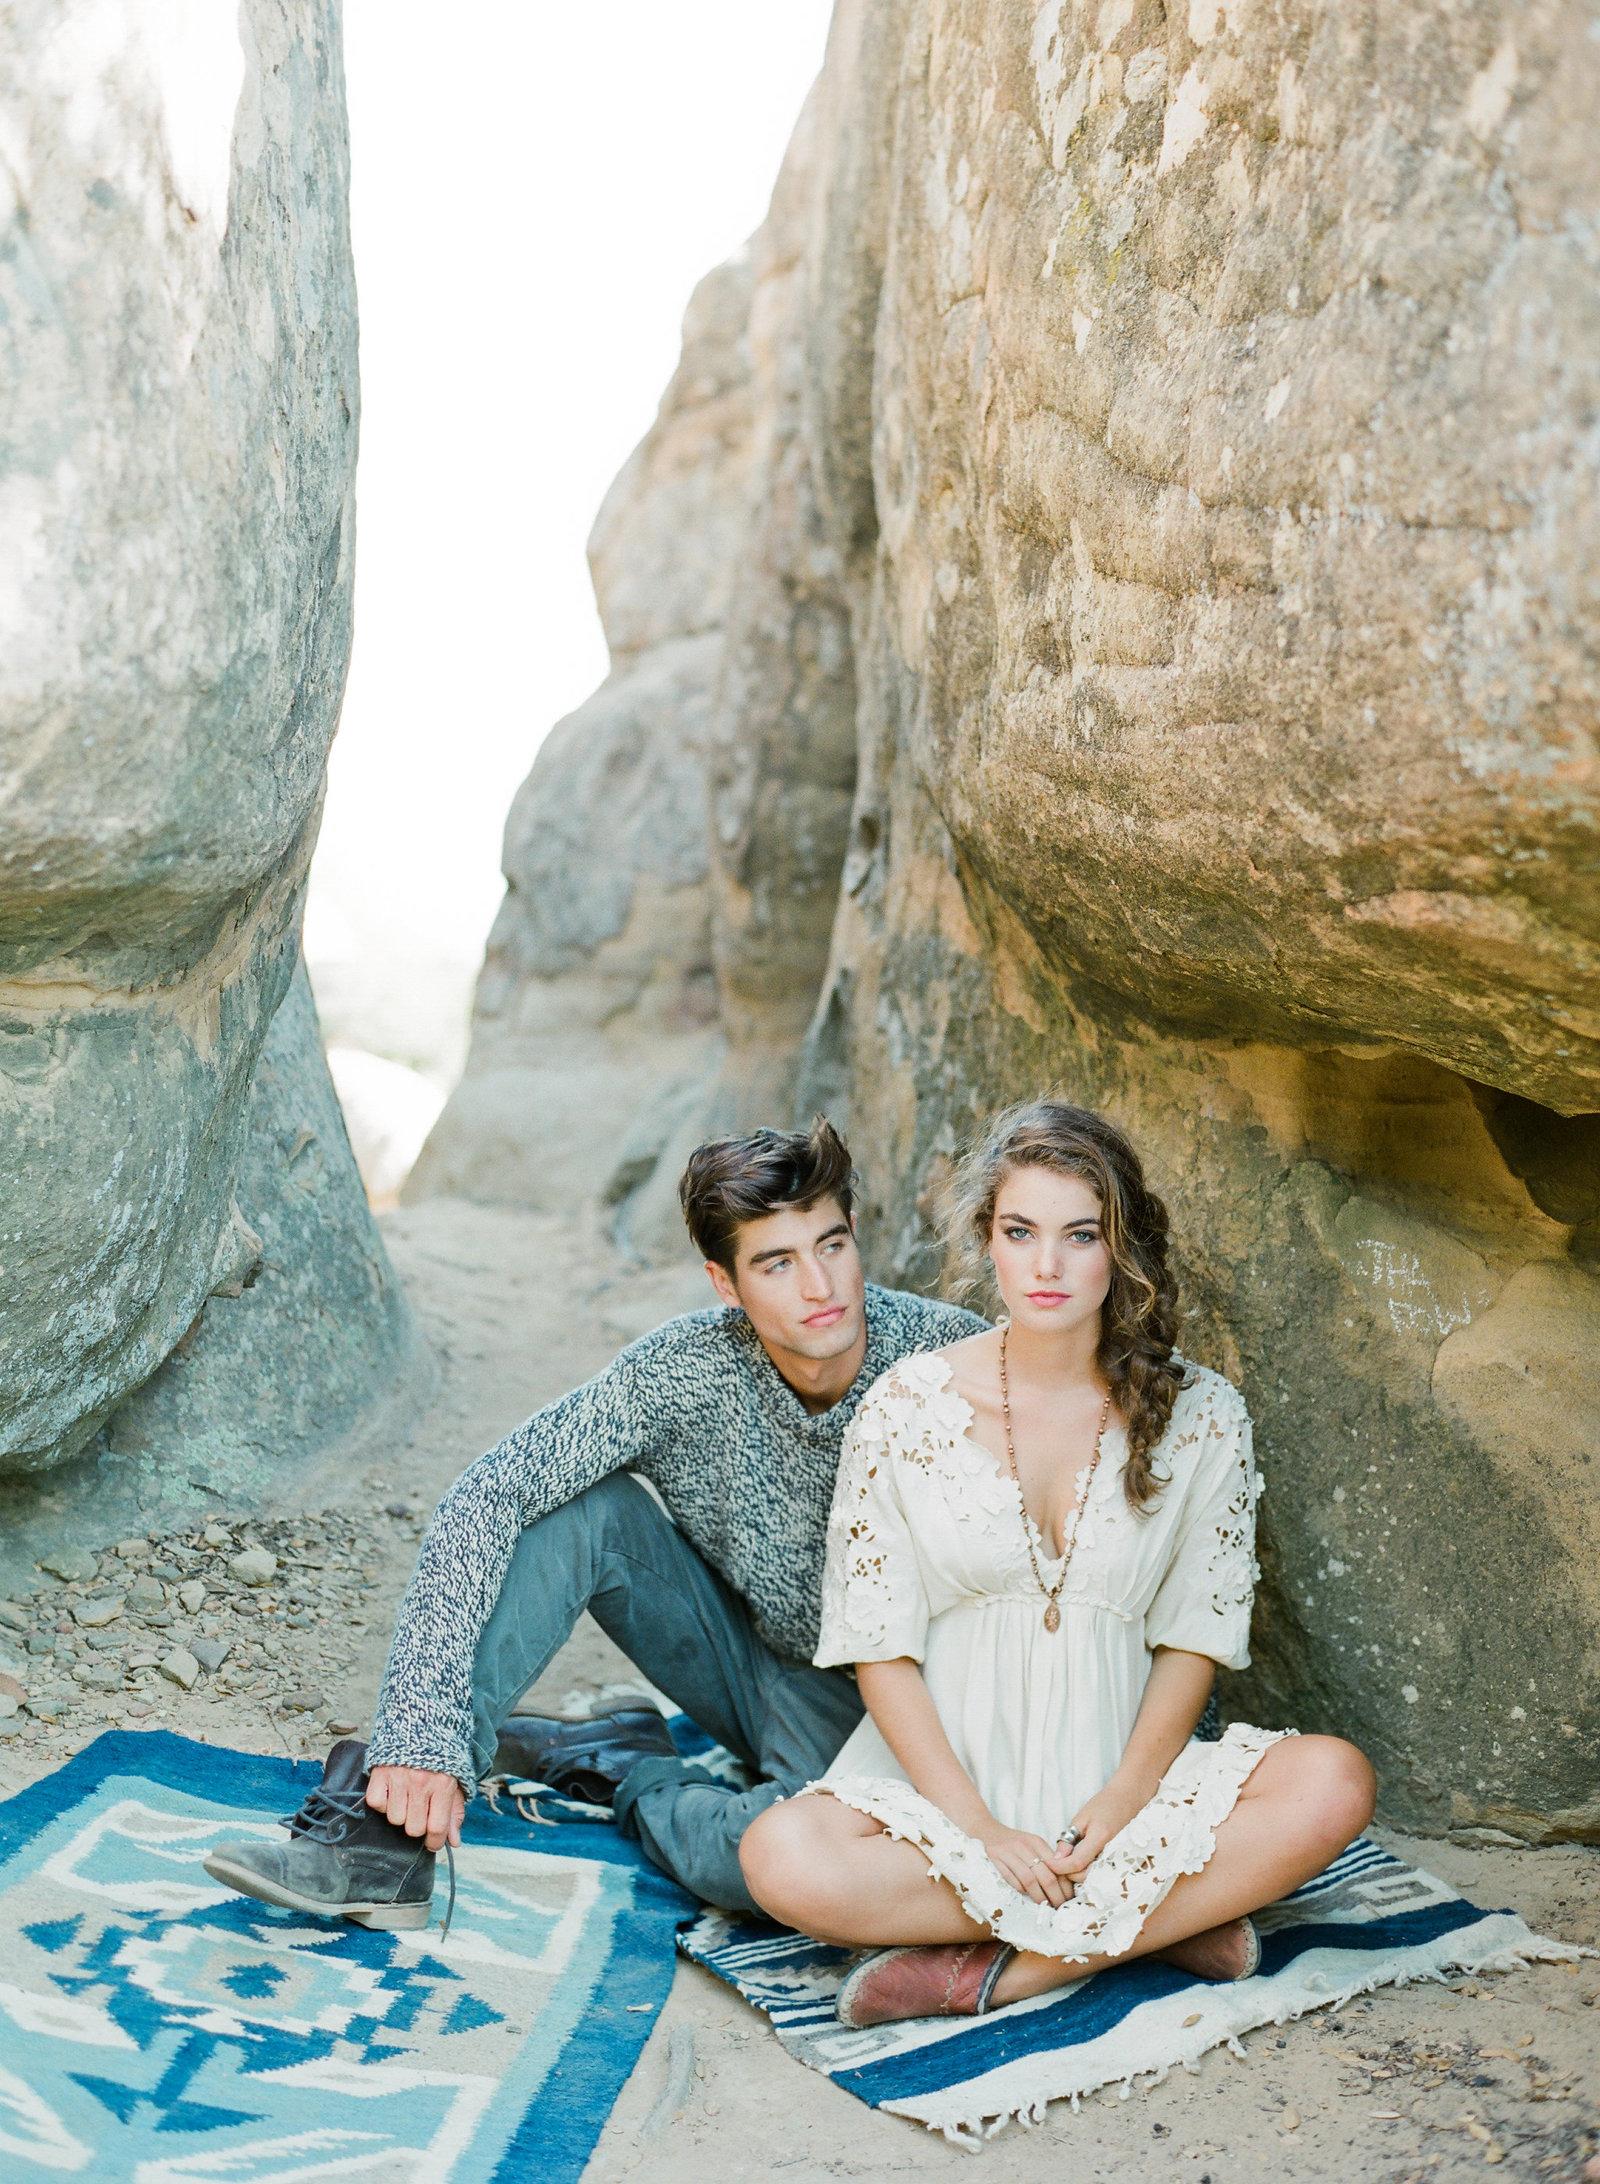 1sRGB_Indie_American_Youth_Christianne Taylor_Ben Elliott_Sophie Haber_Fashion_Santa Barbara-47